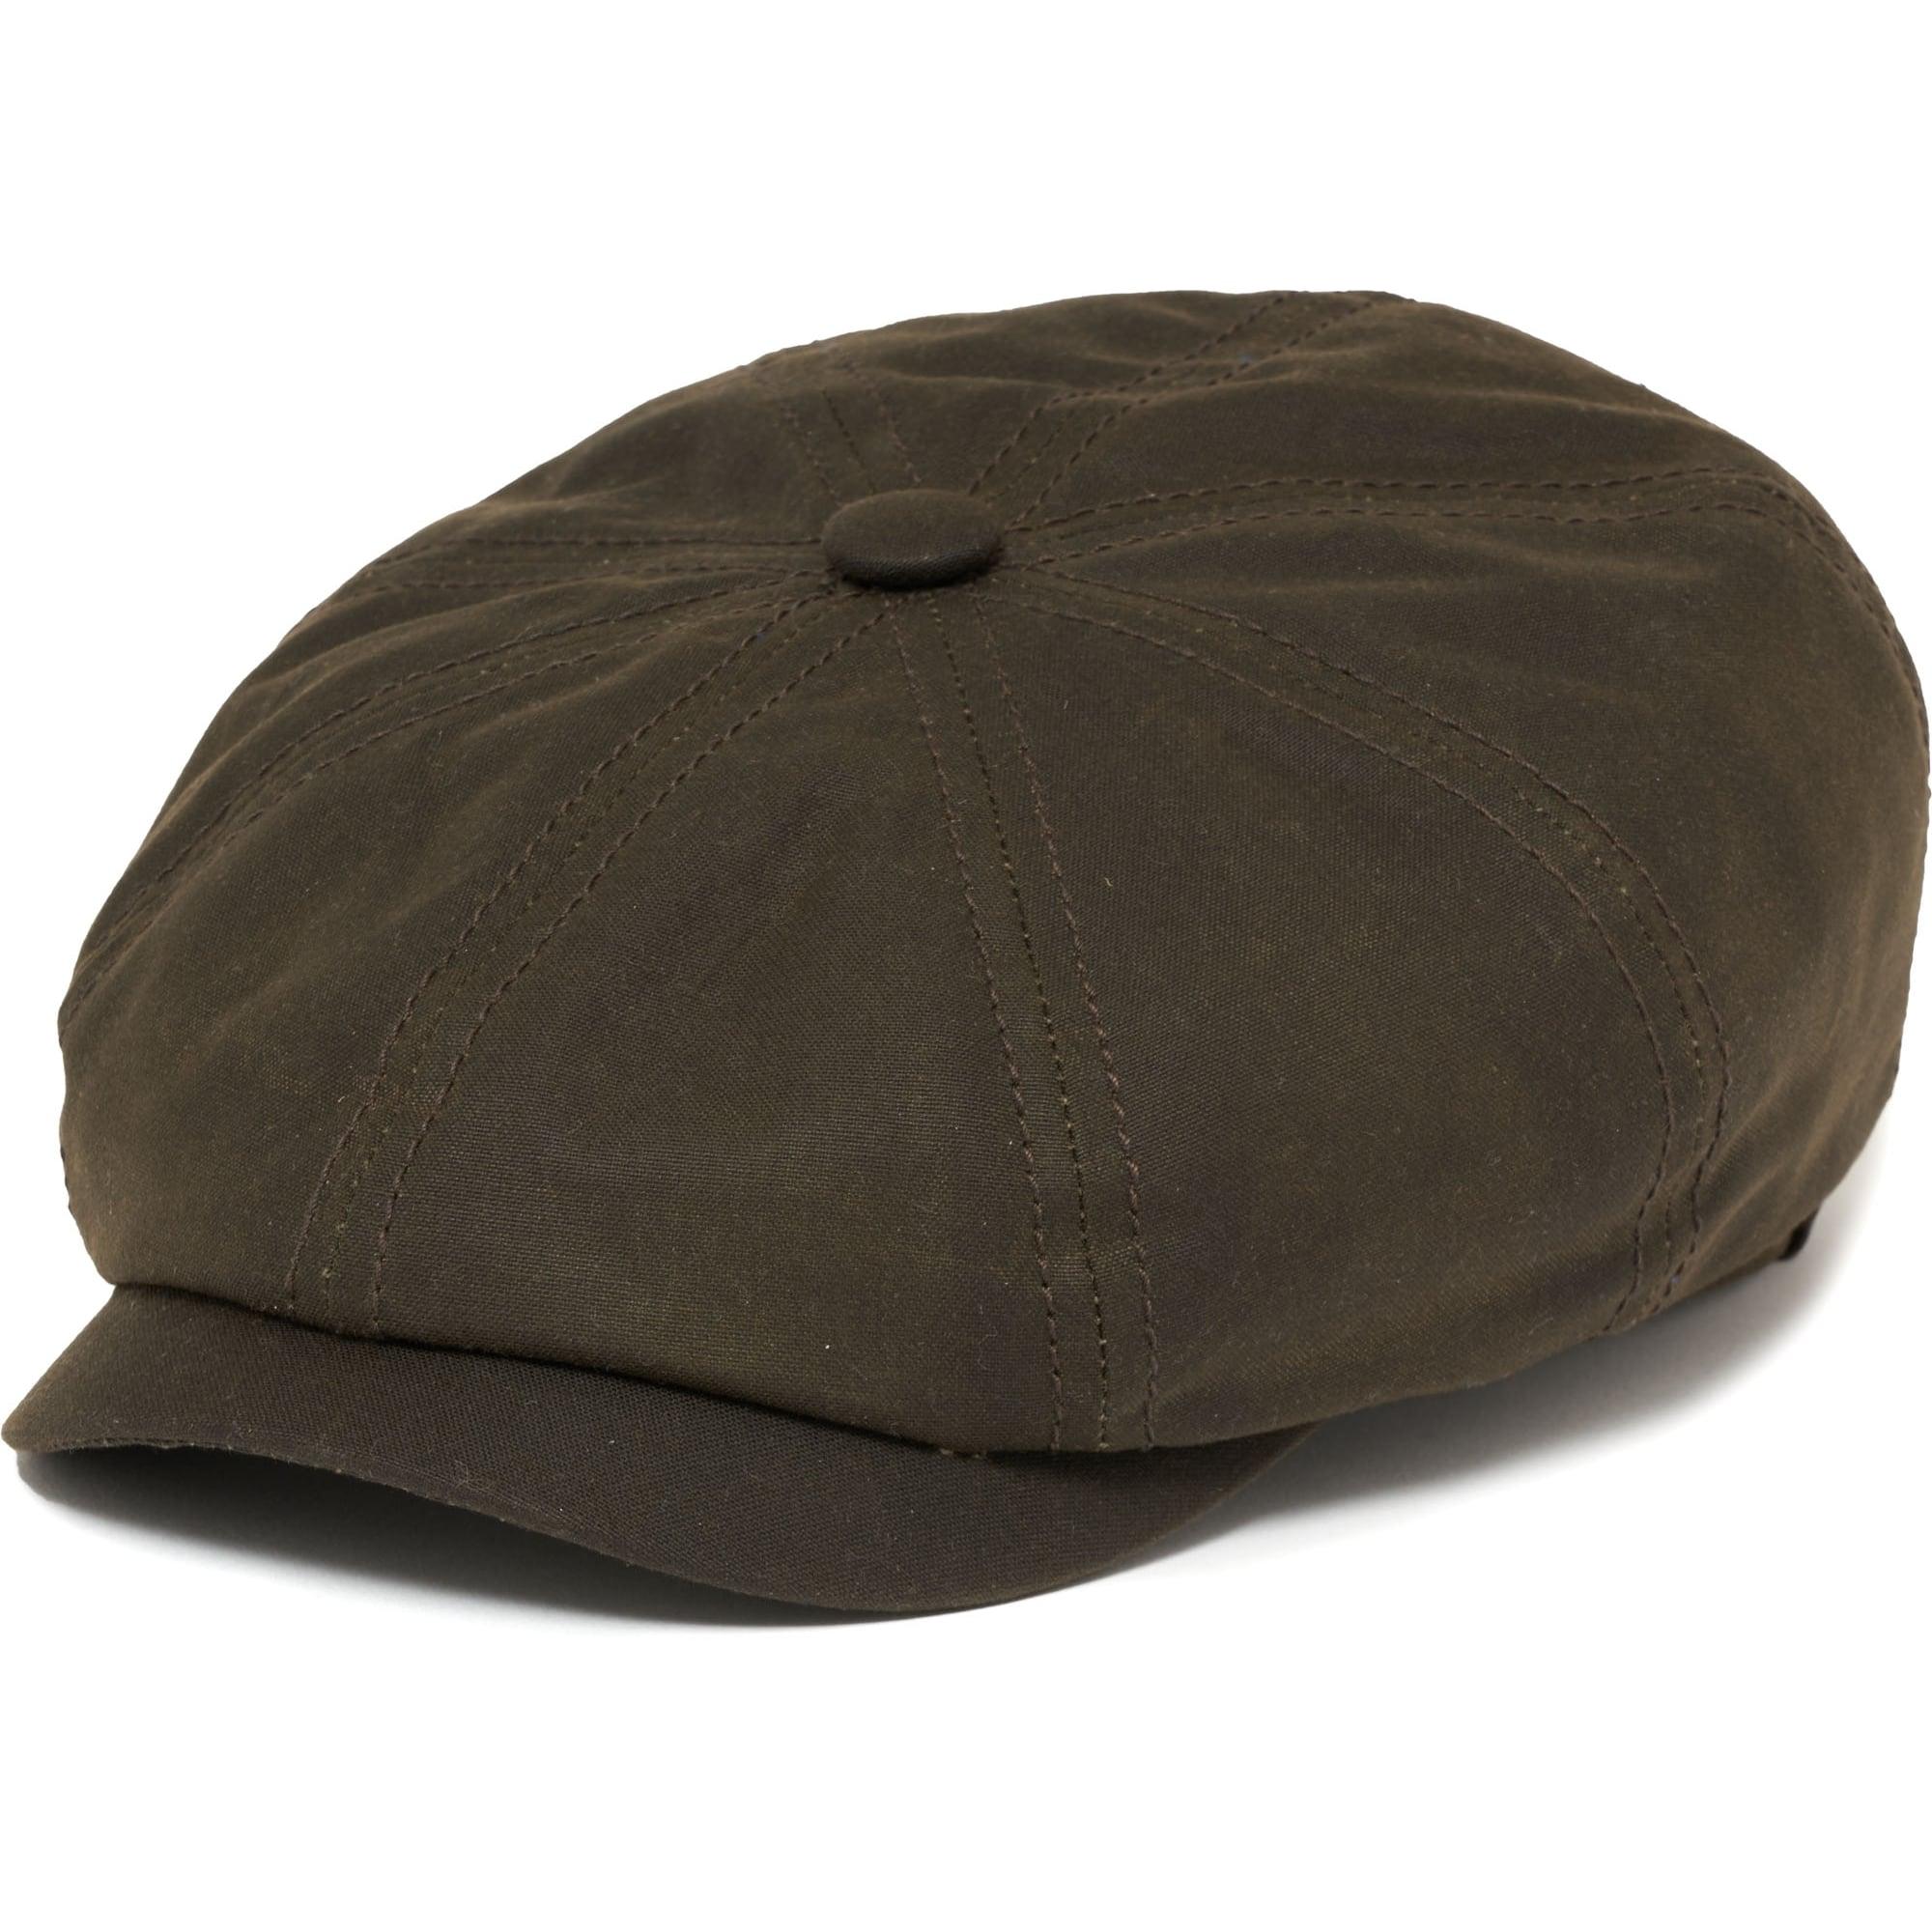 Hatteras Waxed Newsboy Cap- Green 7214dd2ee3d